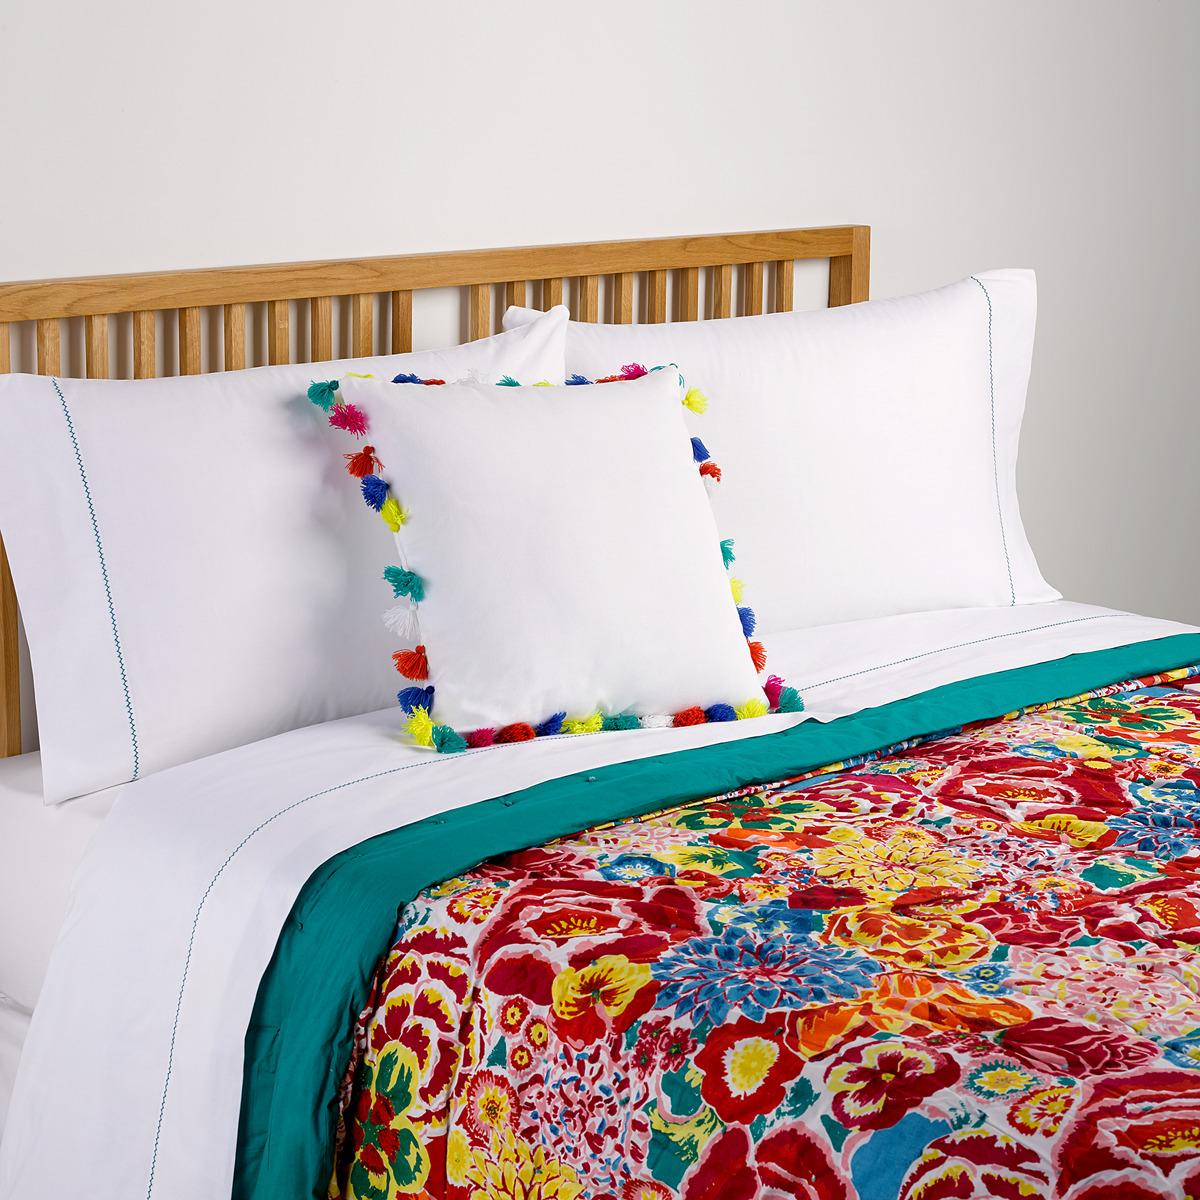 couvre lit multicolore Couvre lit boutis   TopiWall couvre lit multicolore